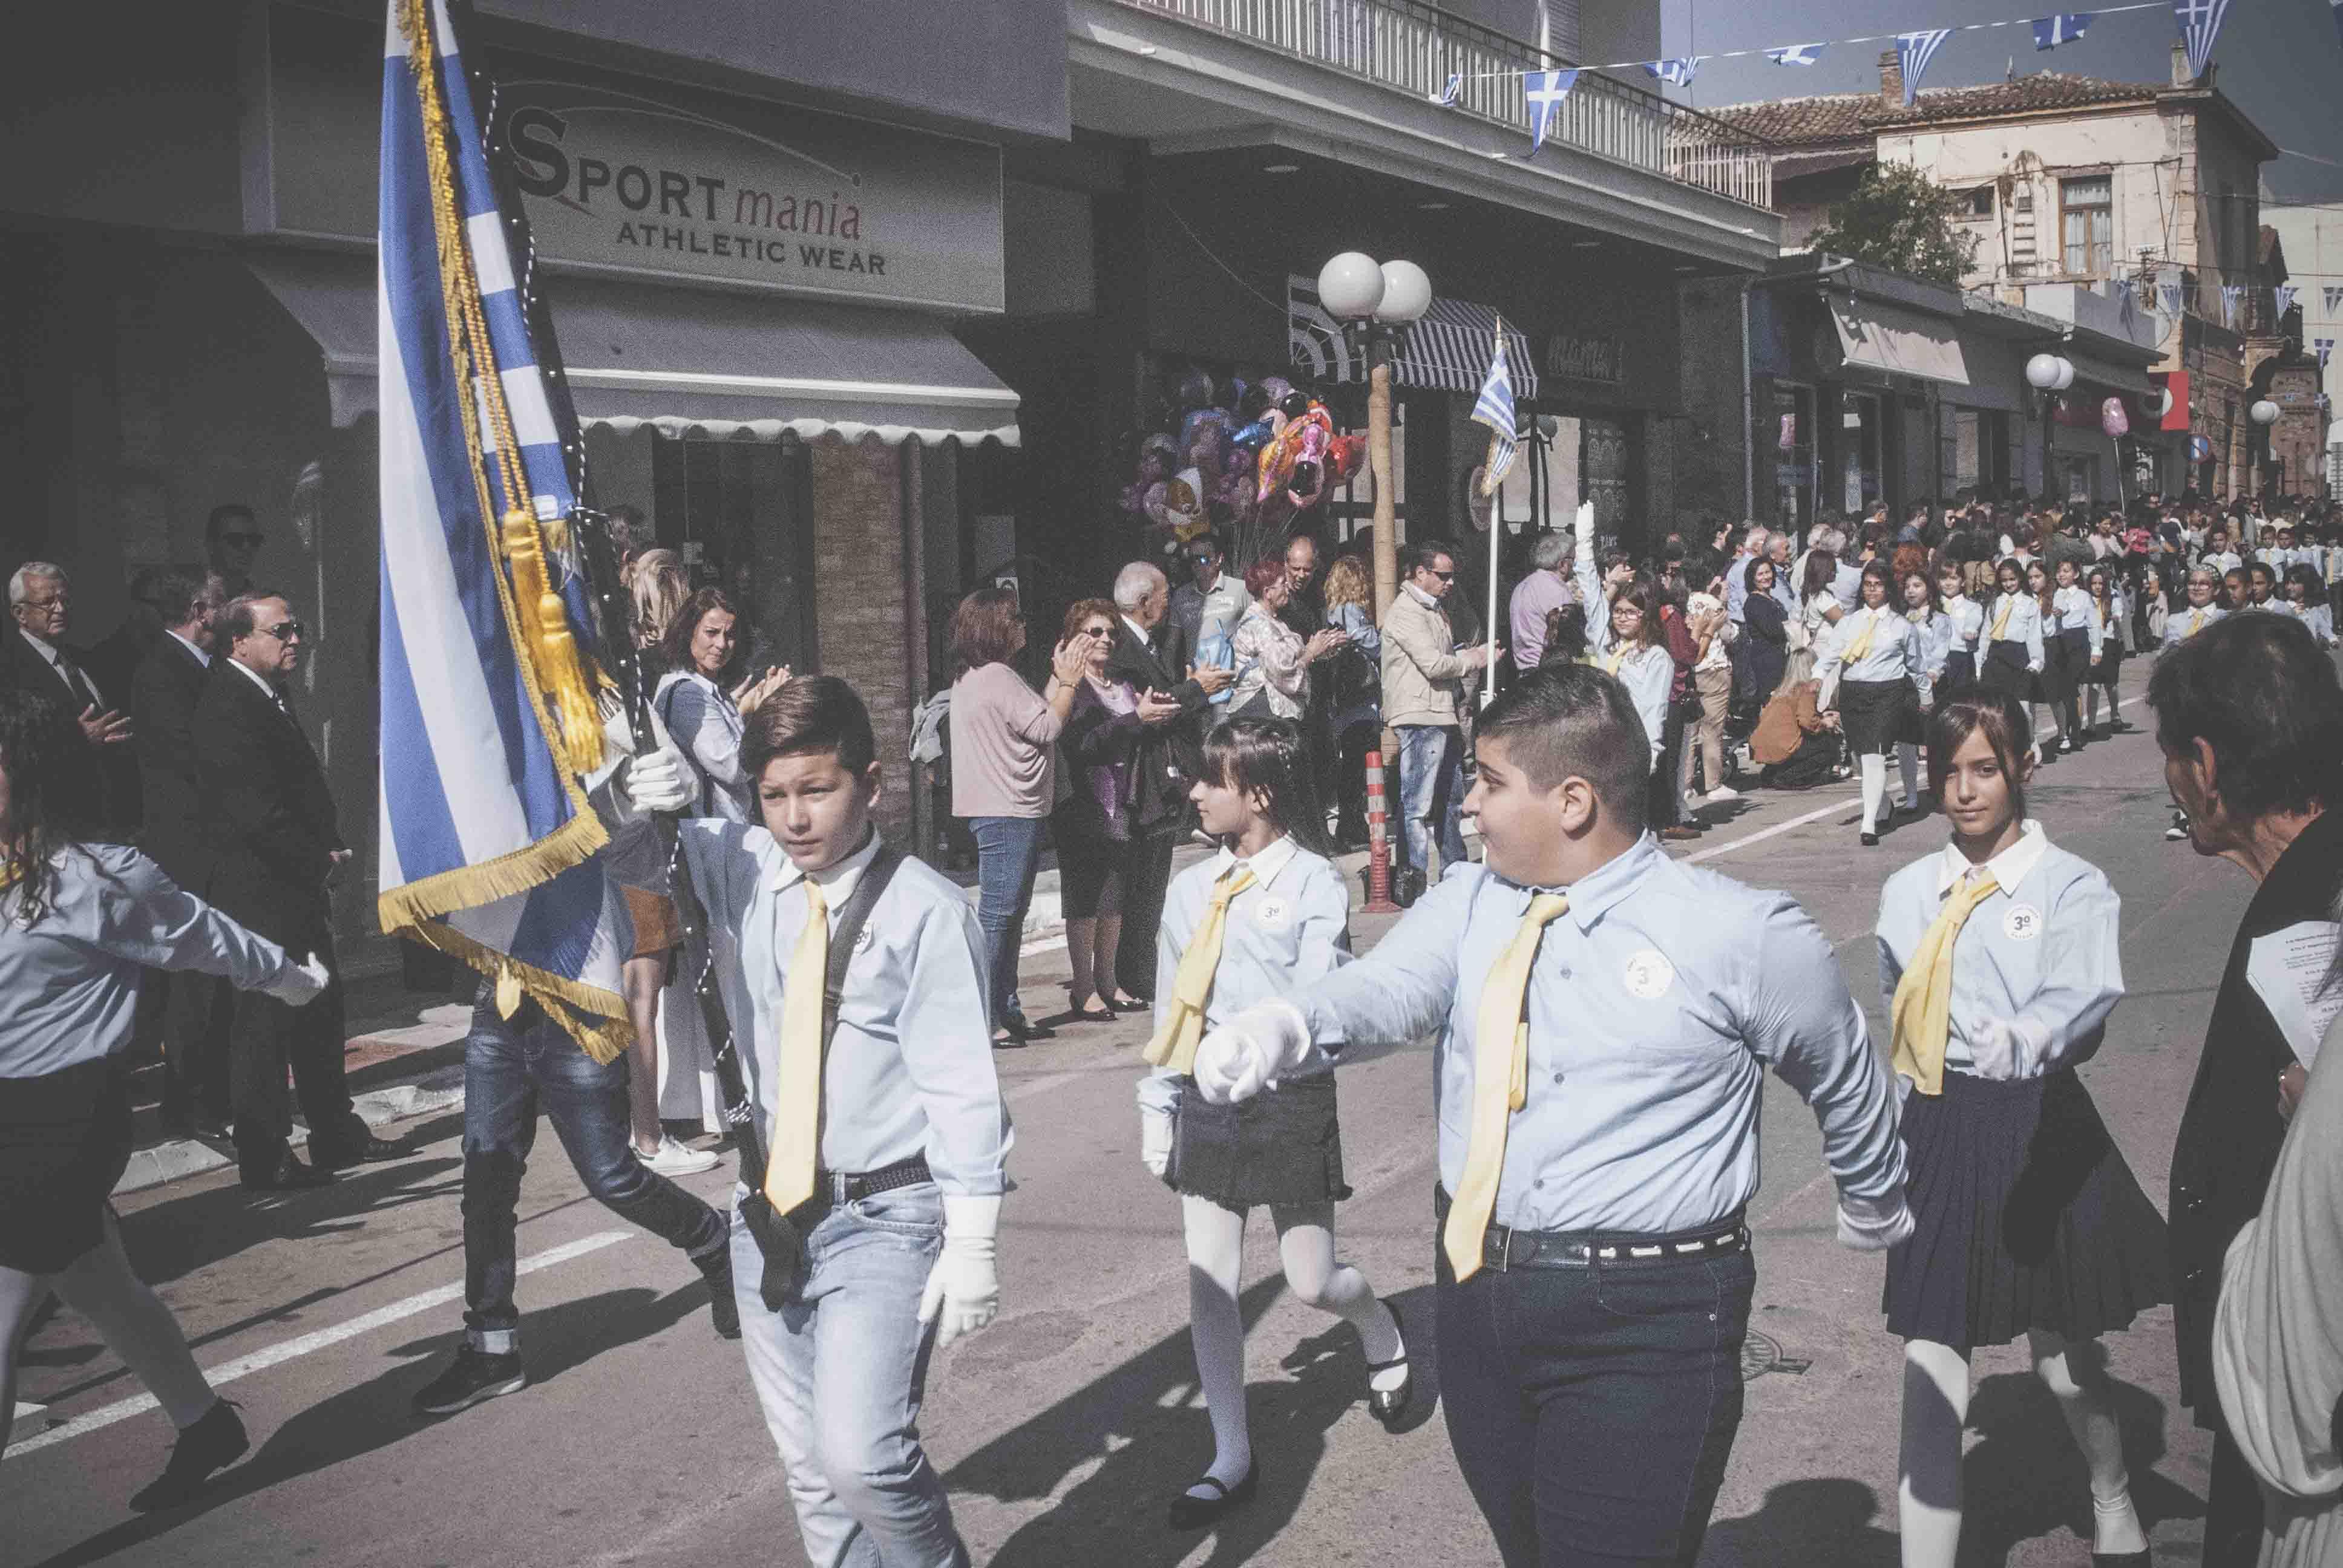 Φωτογραφικό υλικό από την παρέλαση στα Ψαχνά Φωτογραφικό υλικό από την παρέλαση στα Ψαχνά DSC 0379